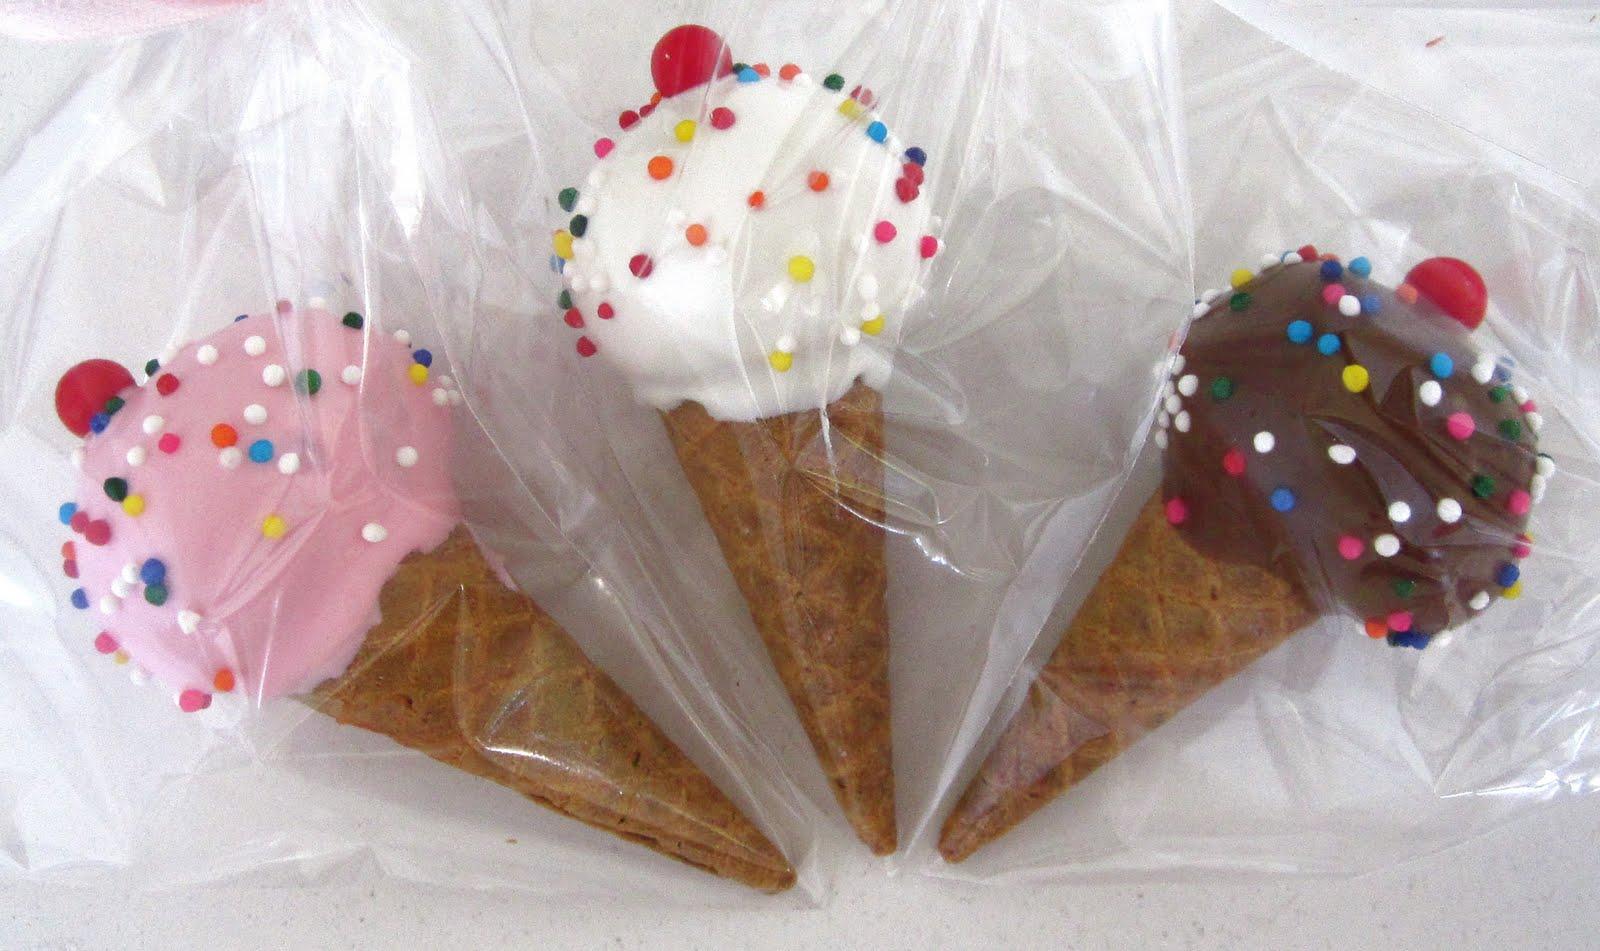 Ice Cream Cone Crispy Treats - Lindsay Ann Bakes